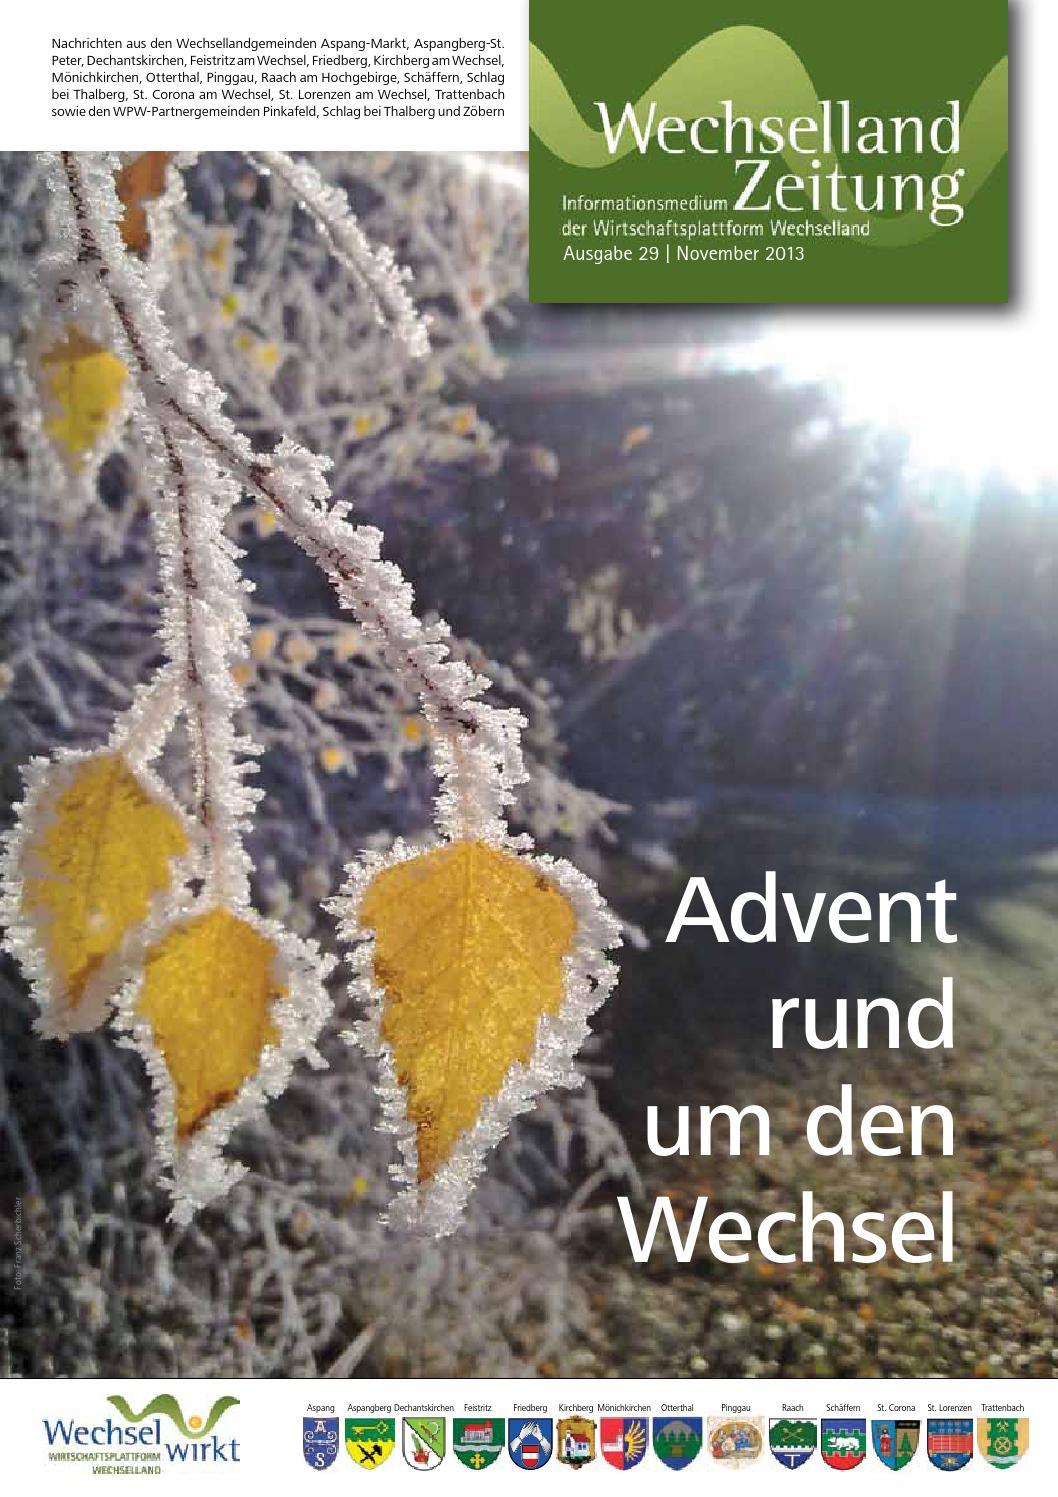 Singlebrse kostenlos dechantskirchen: Villach dating events